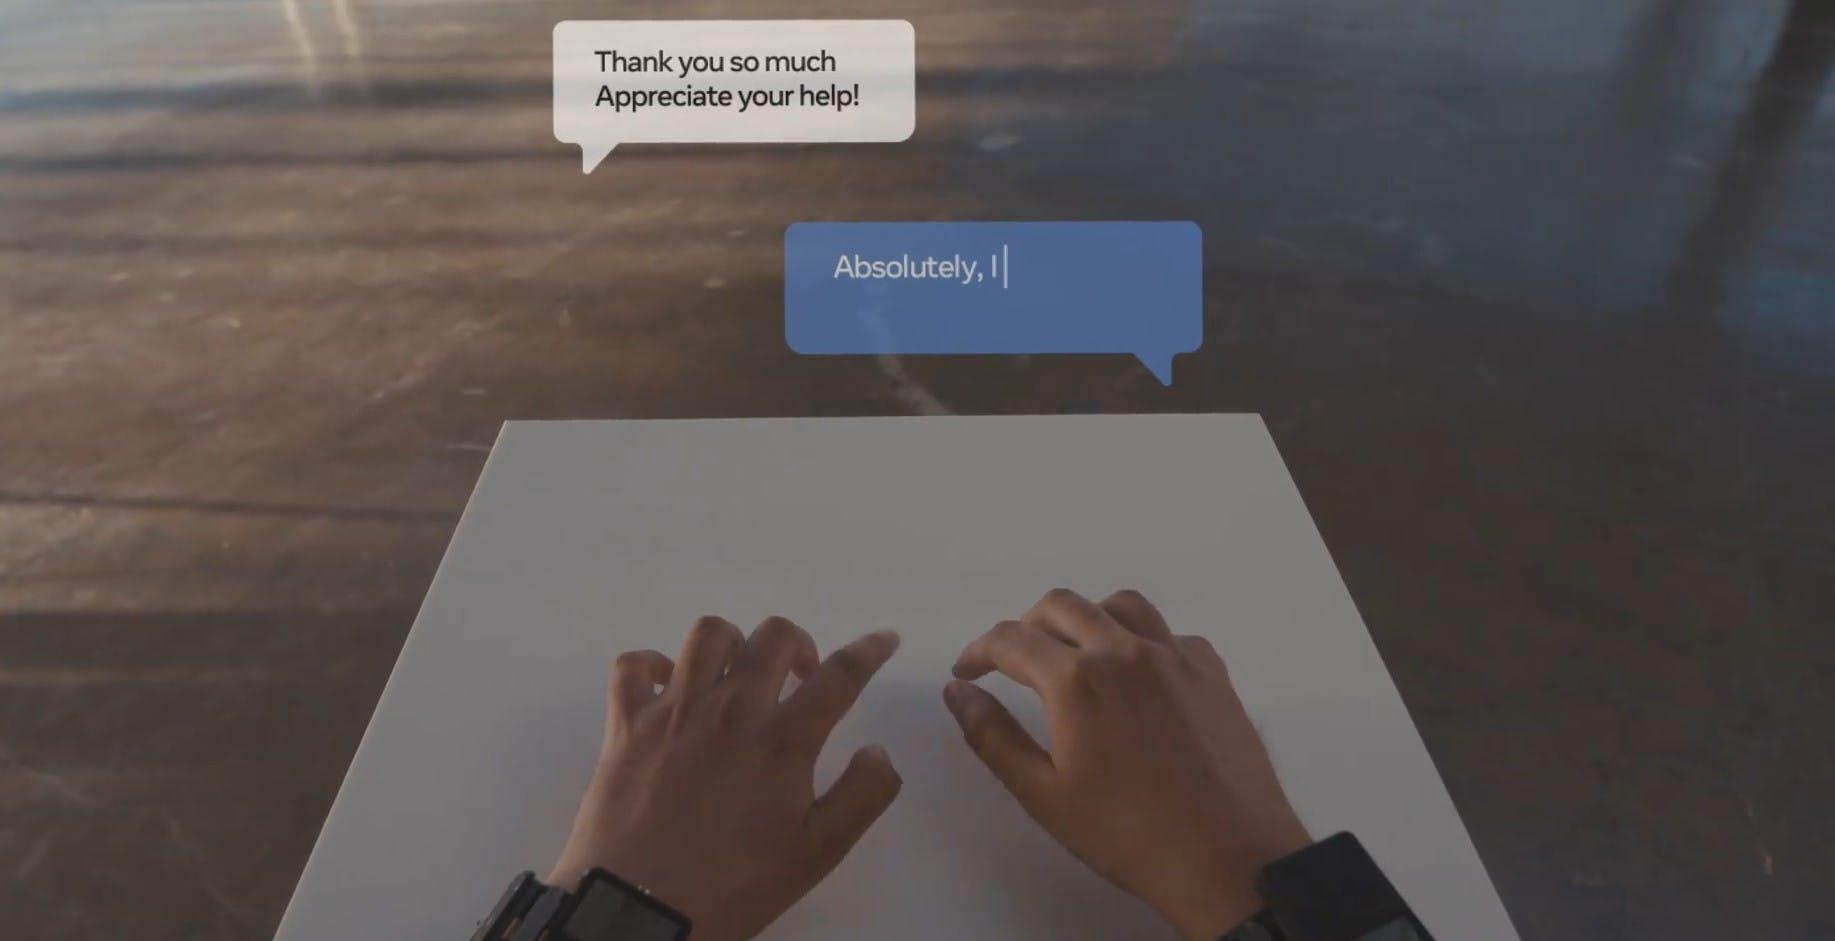 Addio a schermi touch e mouse: un braccialetto di Facebook leggerà i segnali del cervello (ma non la mente)